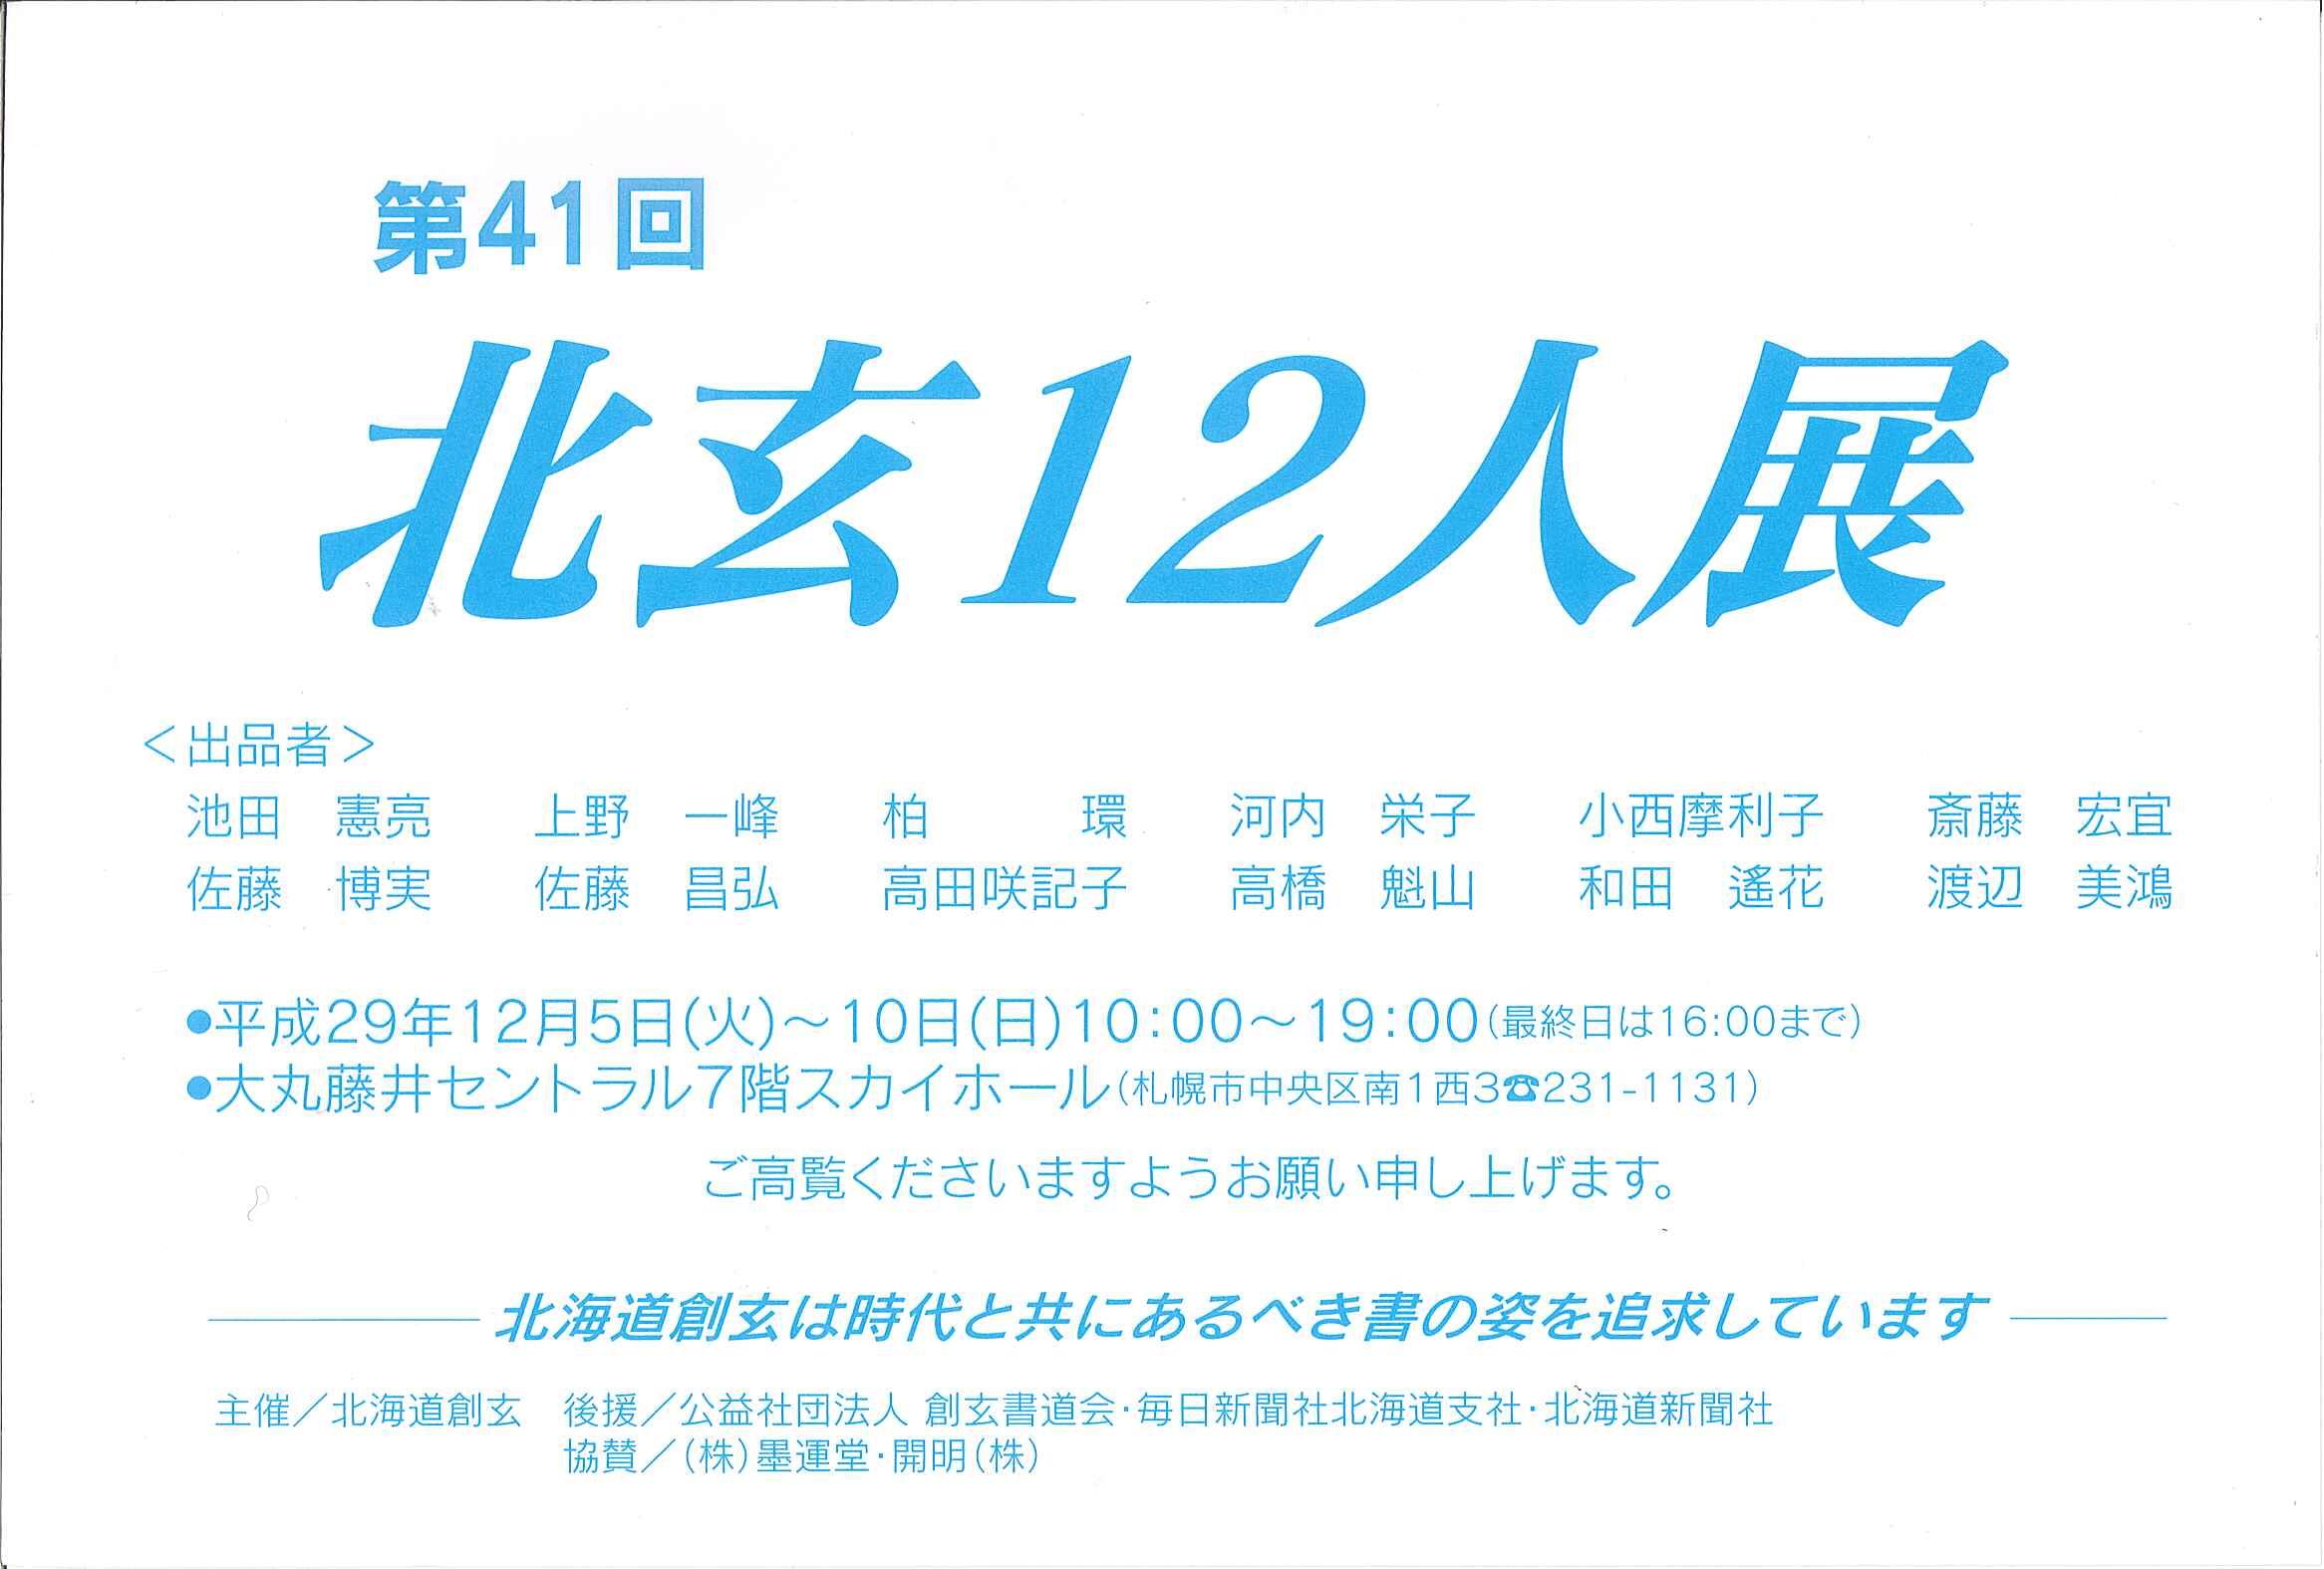 http://www.sogen.or.jp/letter/2017/12/01/20171201200559690_0001.jpg